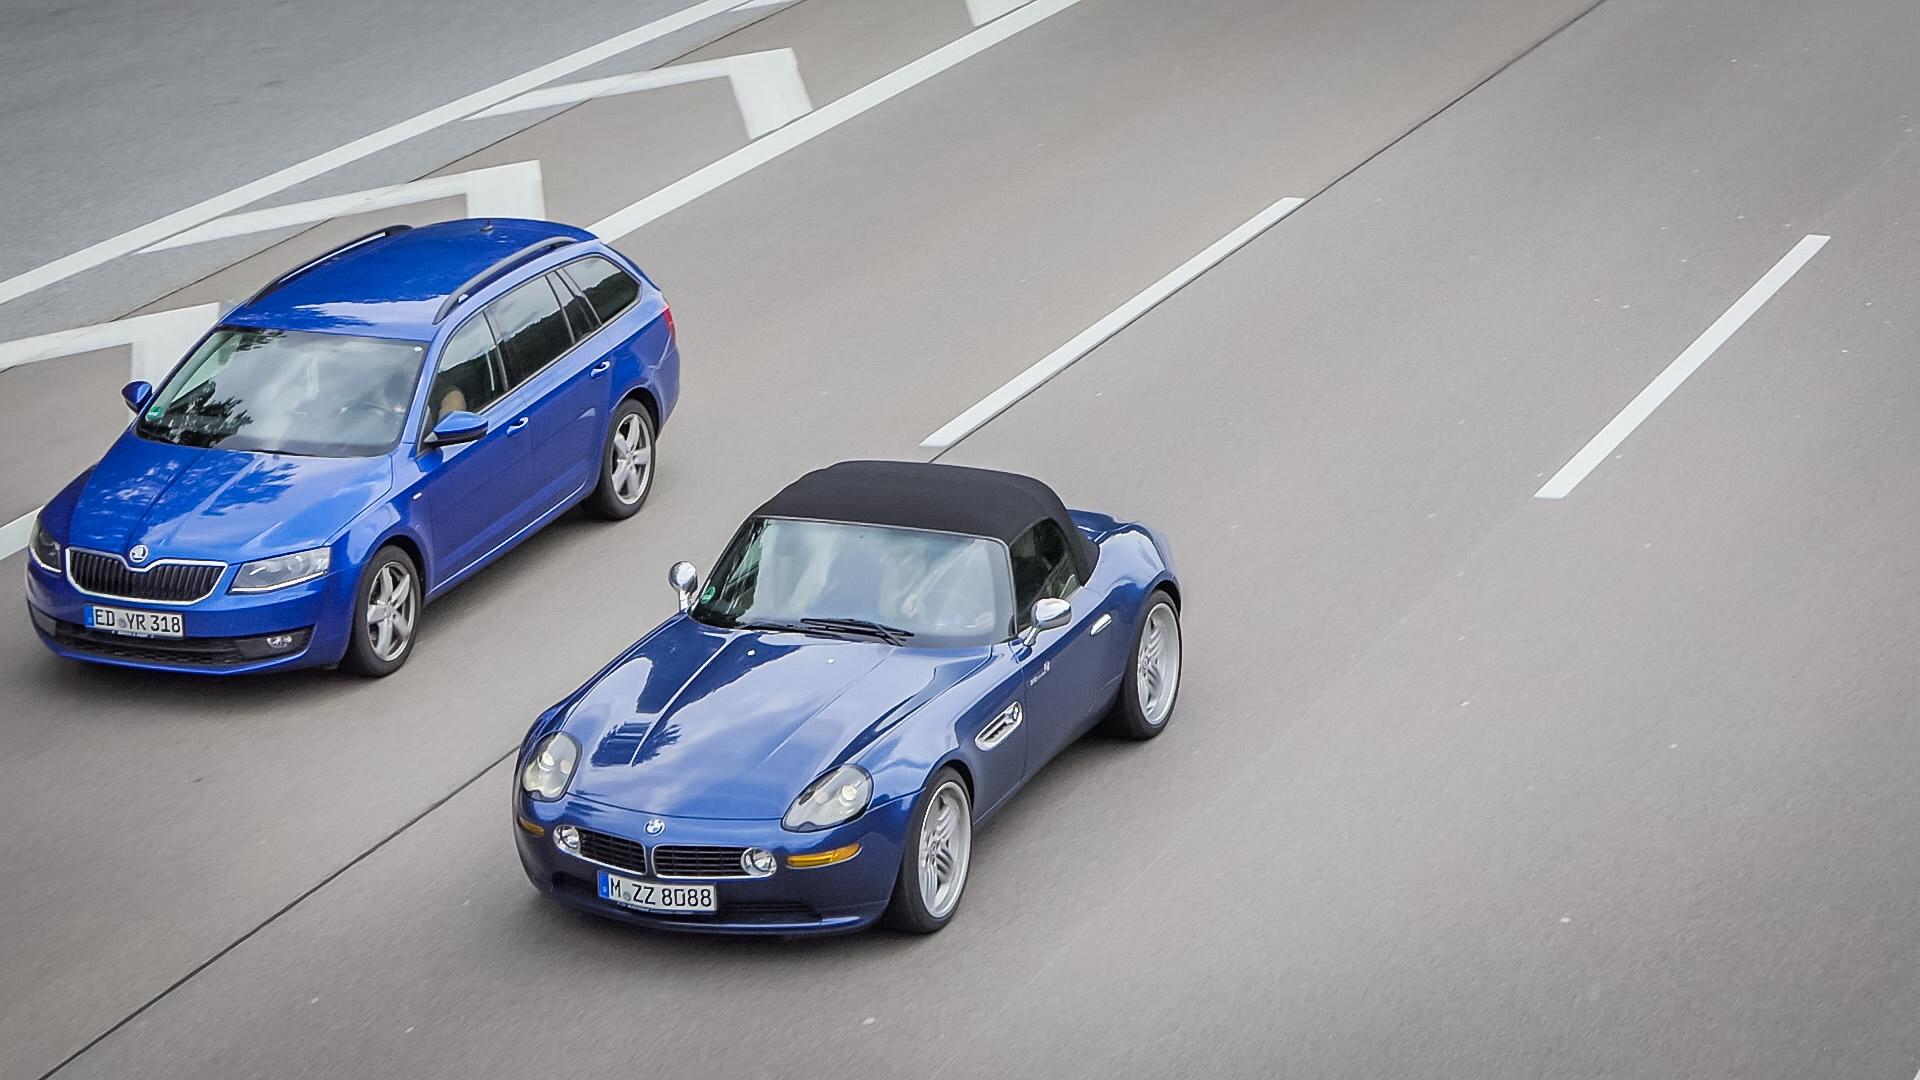 BMW Z8 - M-ZZ-8088